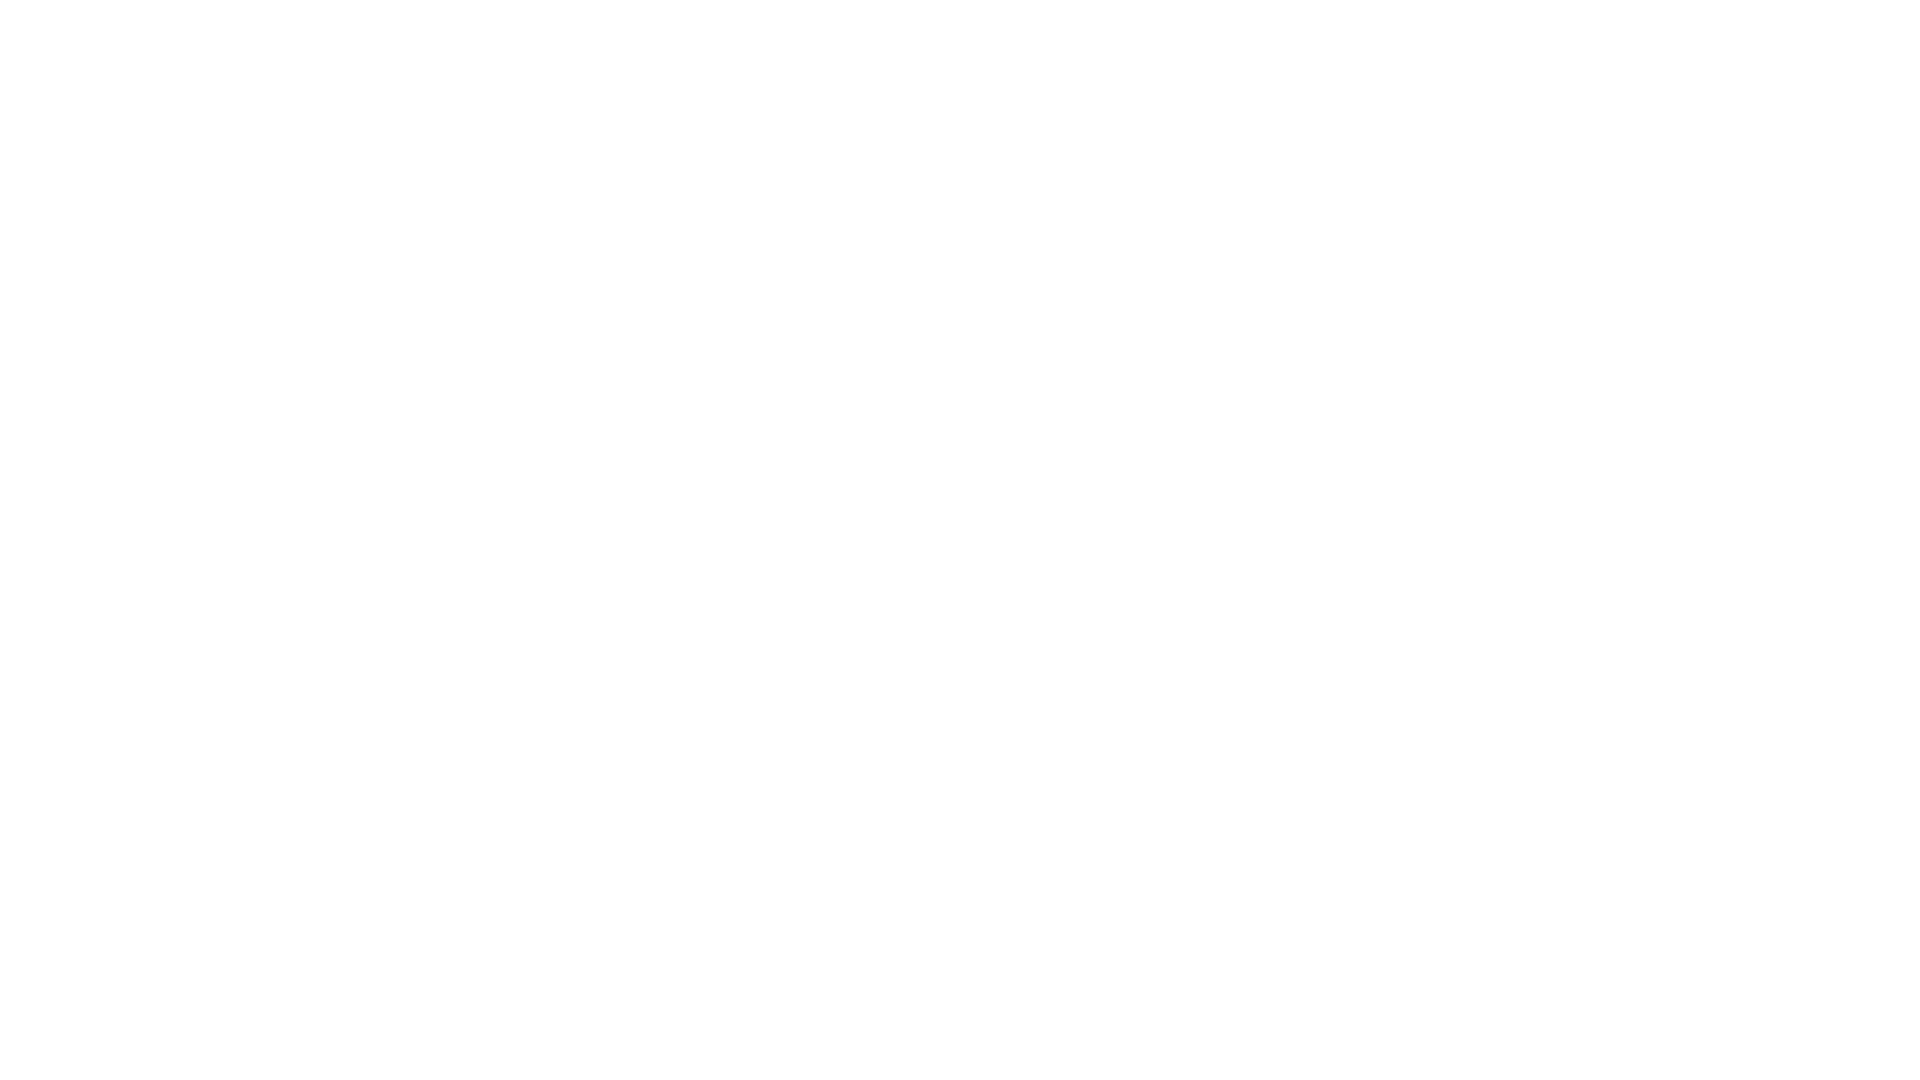 Genesee-05.png